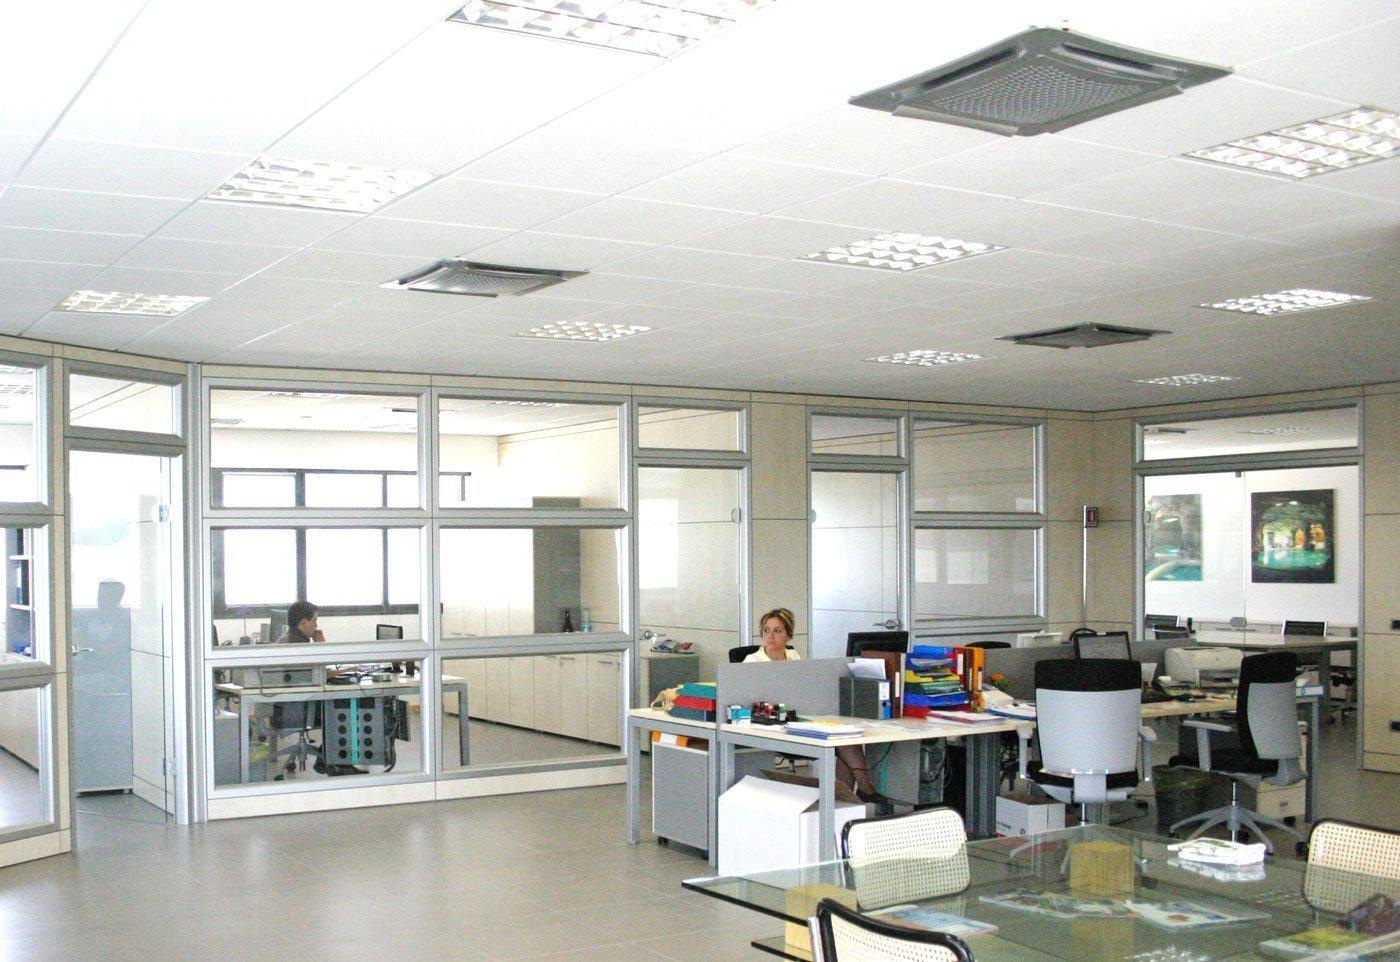 Ufficio In Cartongesso : Cartongesso e controsoffitto per ufficio